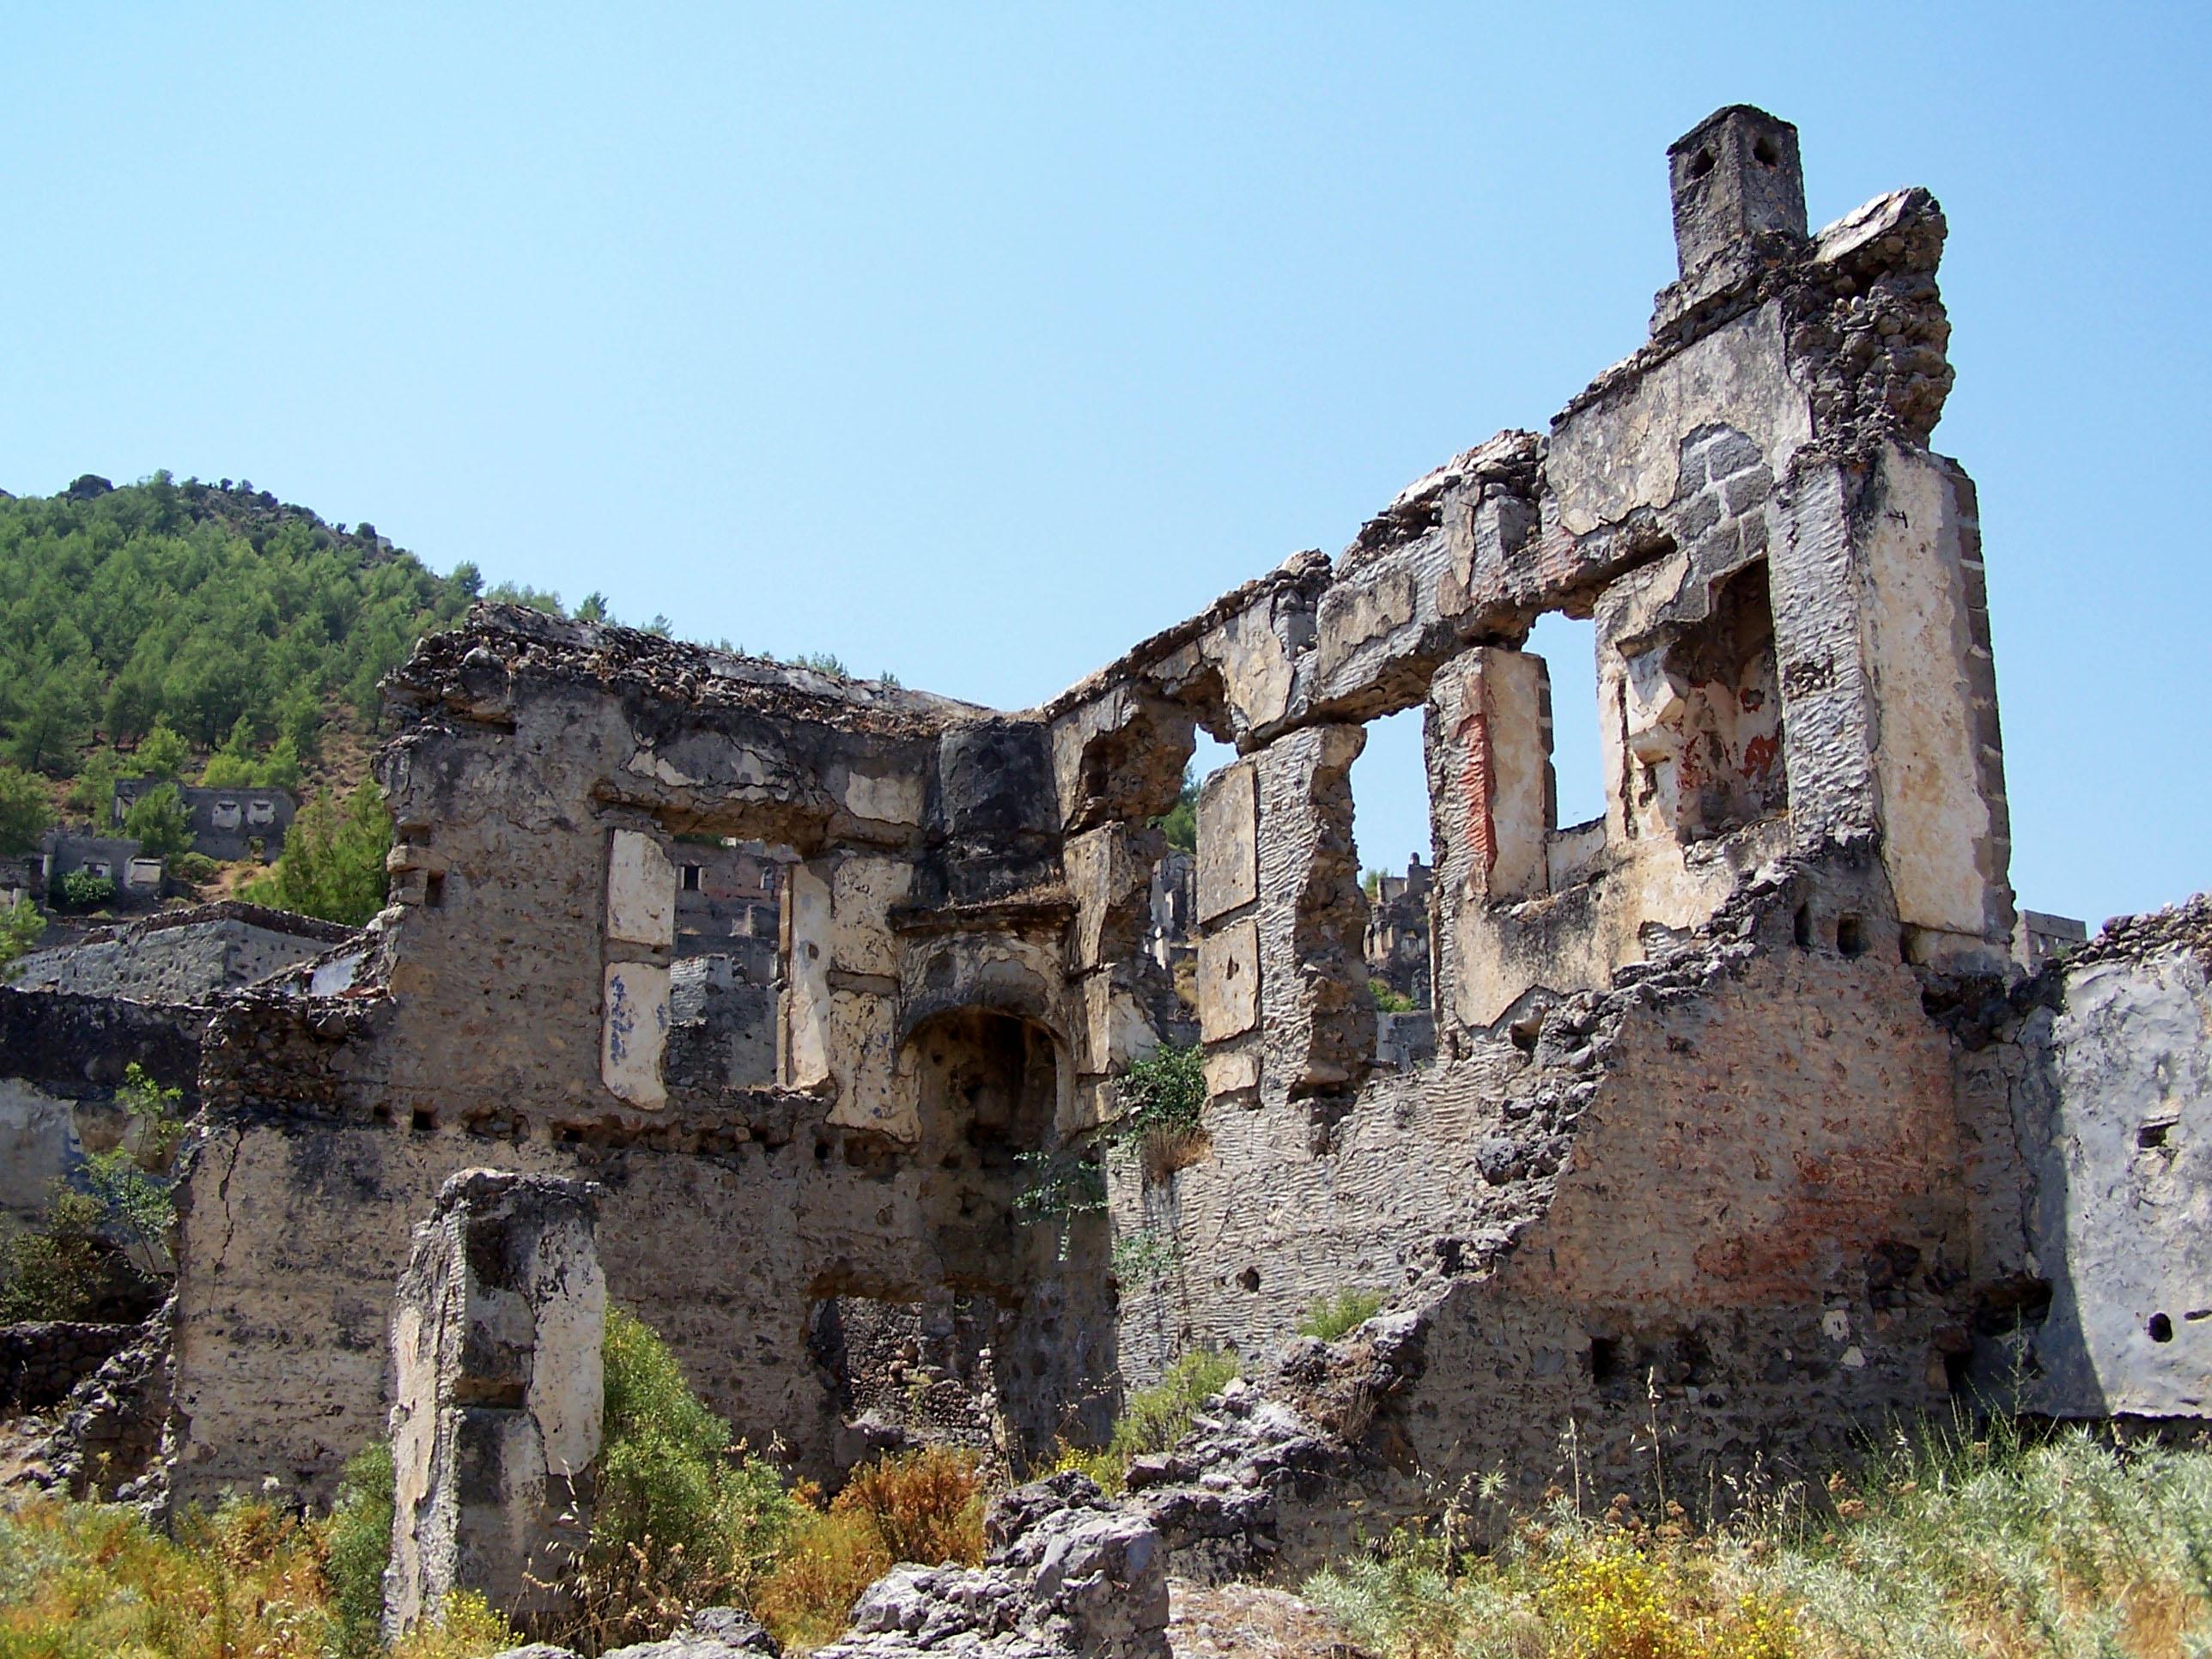 5. Kajakoj, Anatlija, Turska - Sa završetkom grčko-turskog rata, oko milion Grka se iselilo iz Turske, uključujući oko 2.000 stanovnika grčkog sela Kaikoia. Ostaci sela, stotine domova i čak dve pravoslavne crkve predstavljaju danas istorijsku i turističku atrakciju.